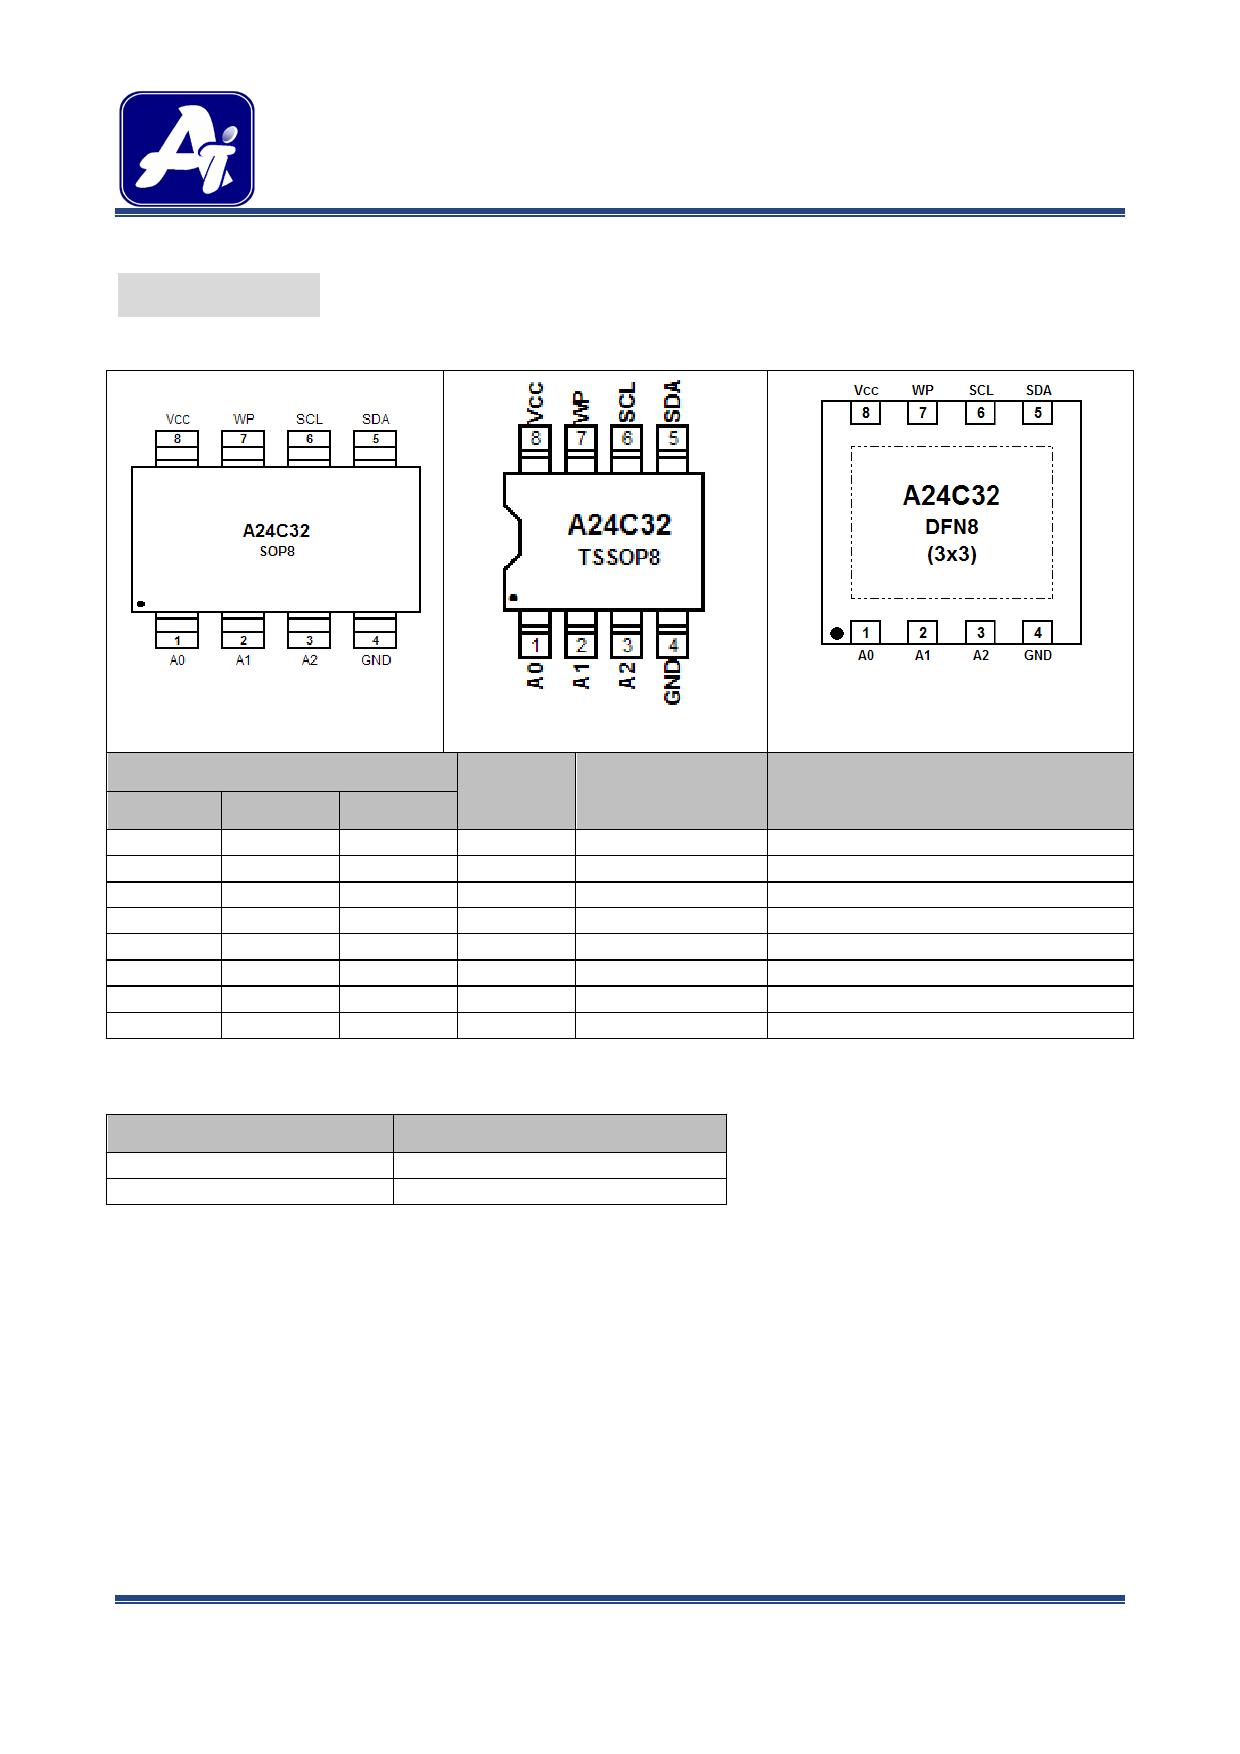 A24C32 pdf, schematic